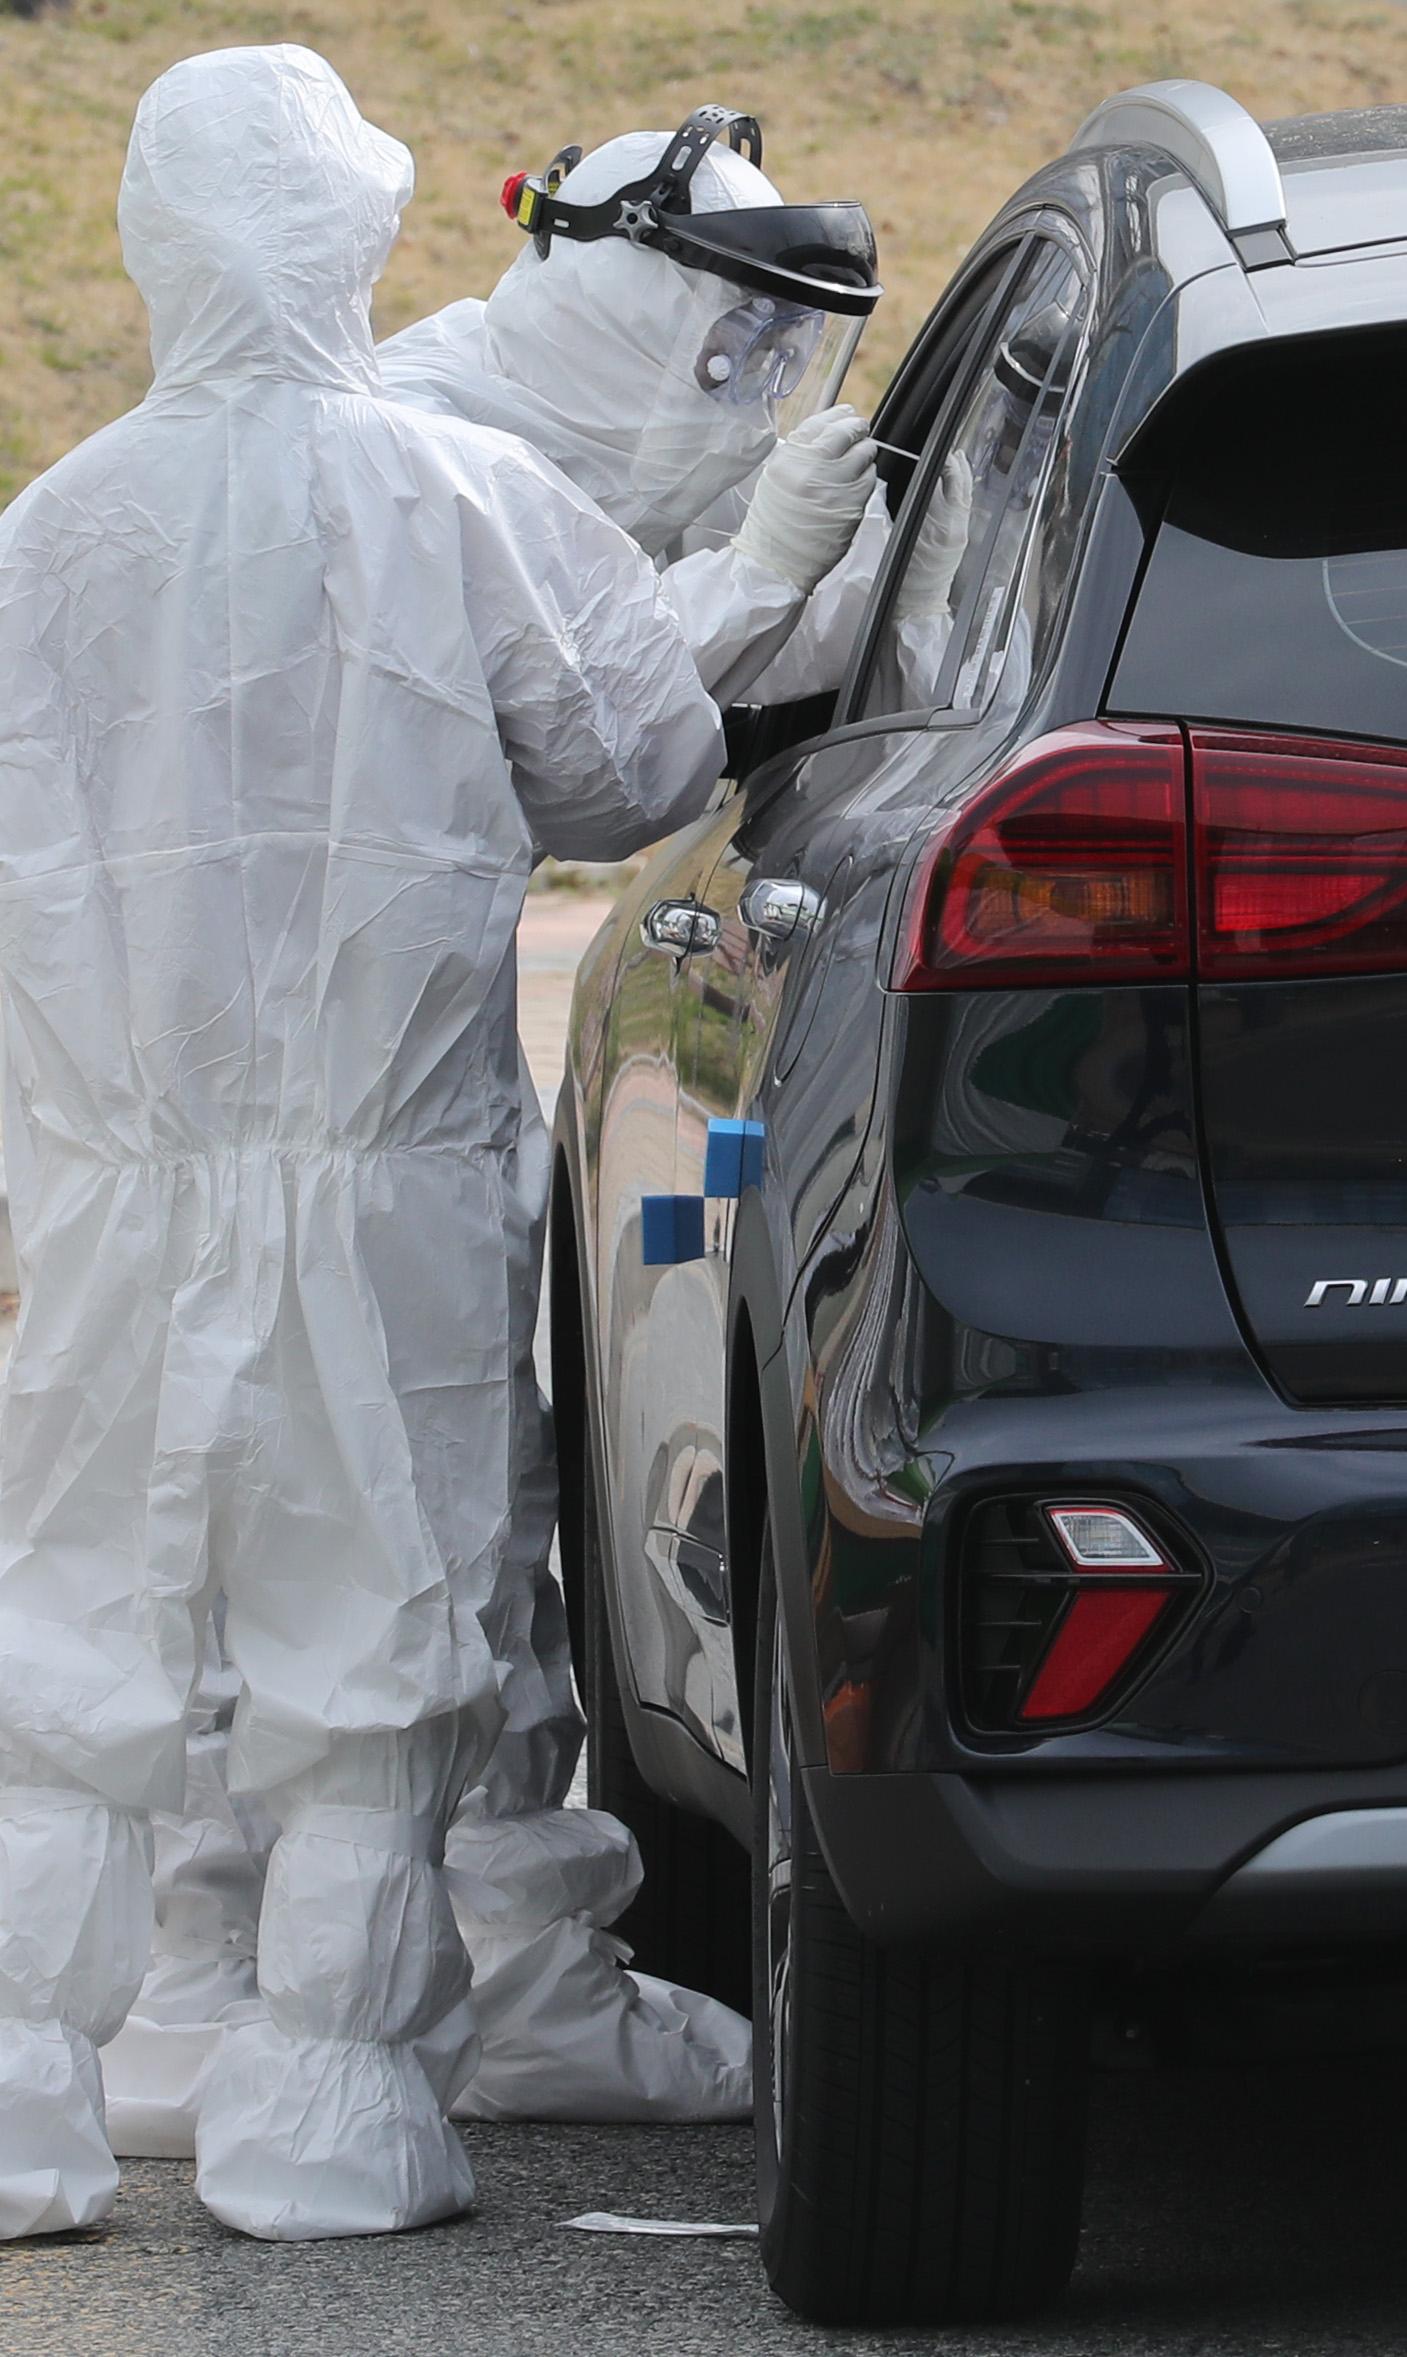 13일 세종시 정부세종청사에 설치된 드라이브 스루 선별진료소에서 의료진이 자동차 탑승자의 검체를 채취하고 있다. 연합뉴스